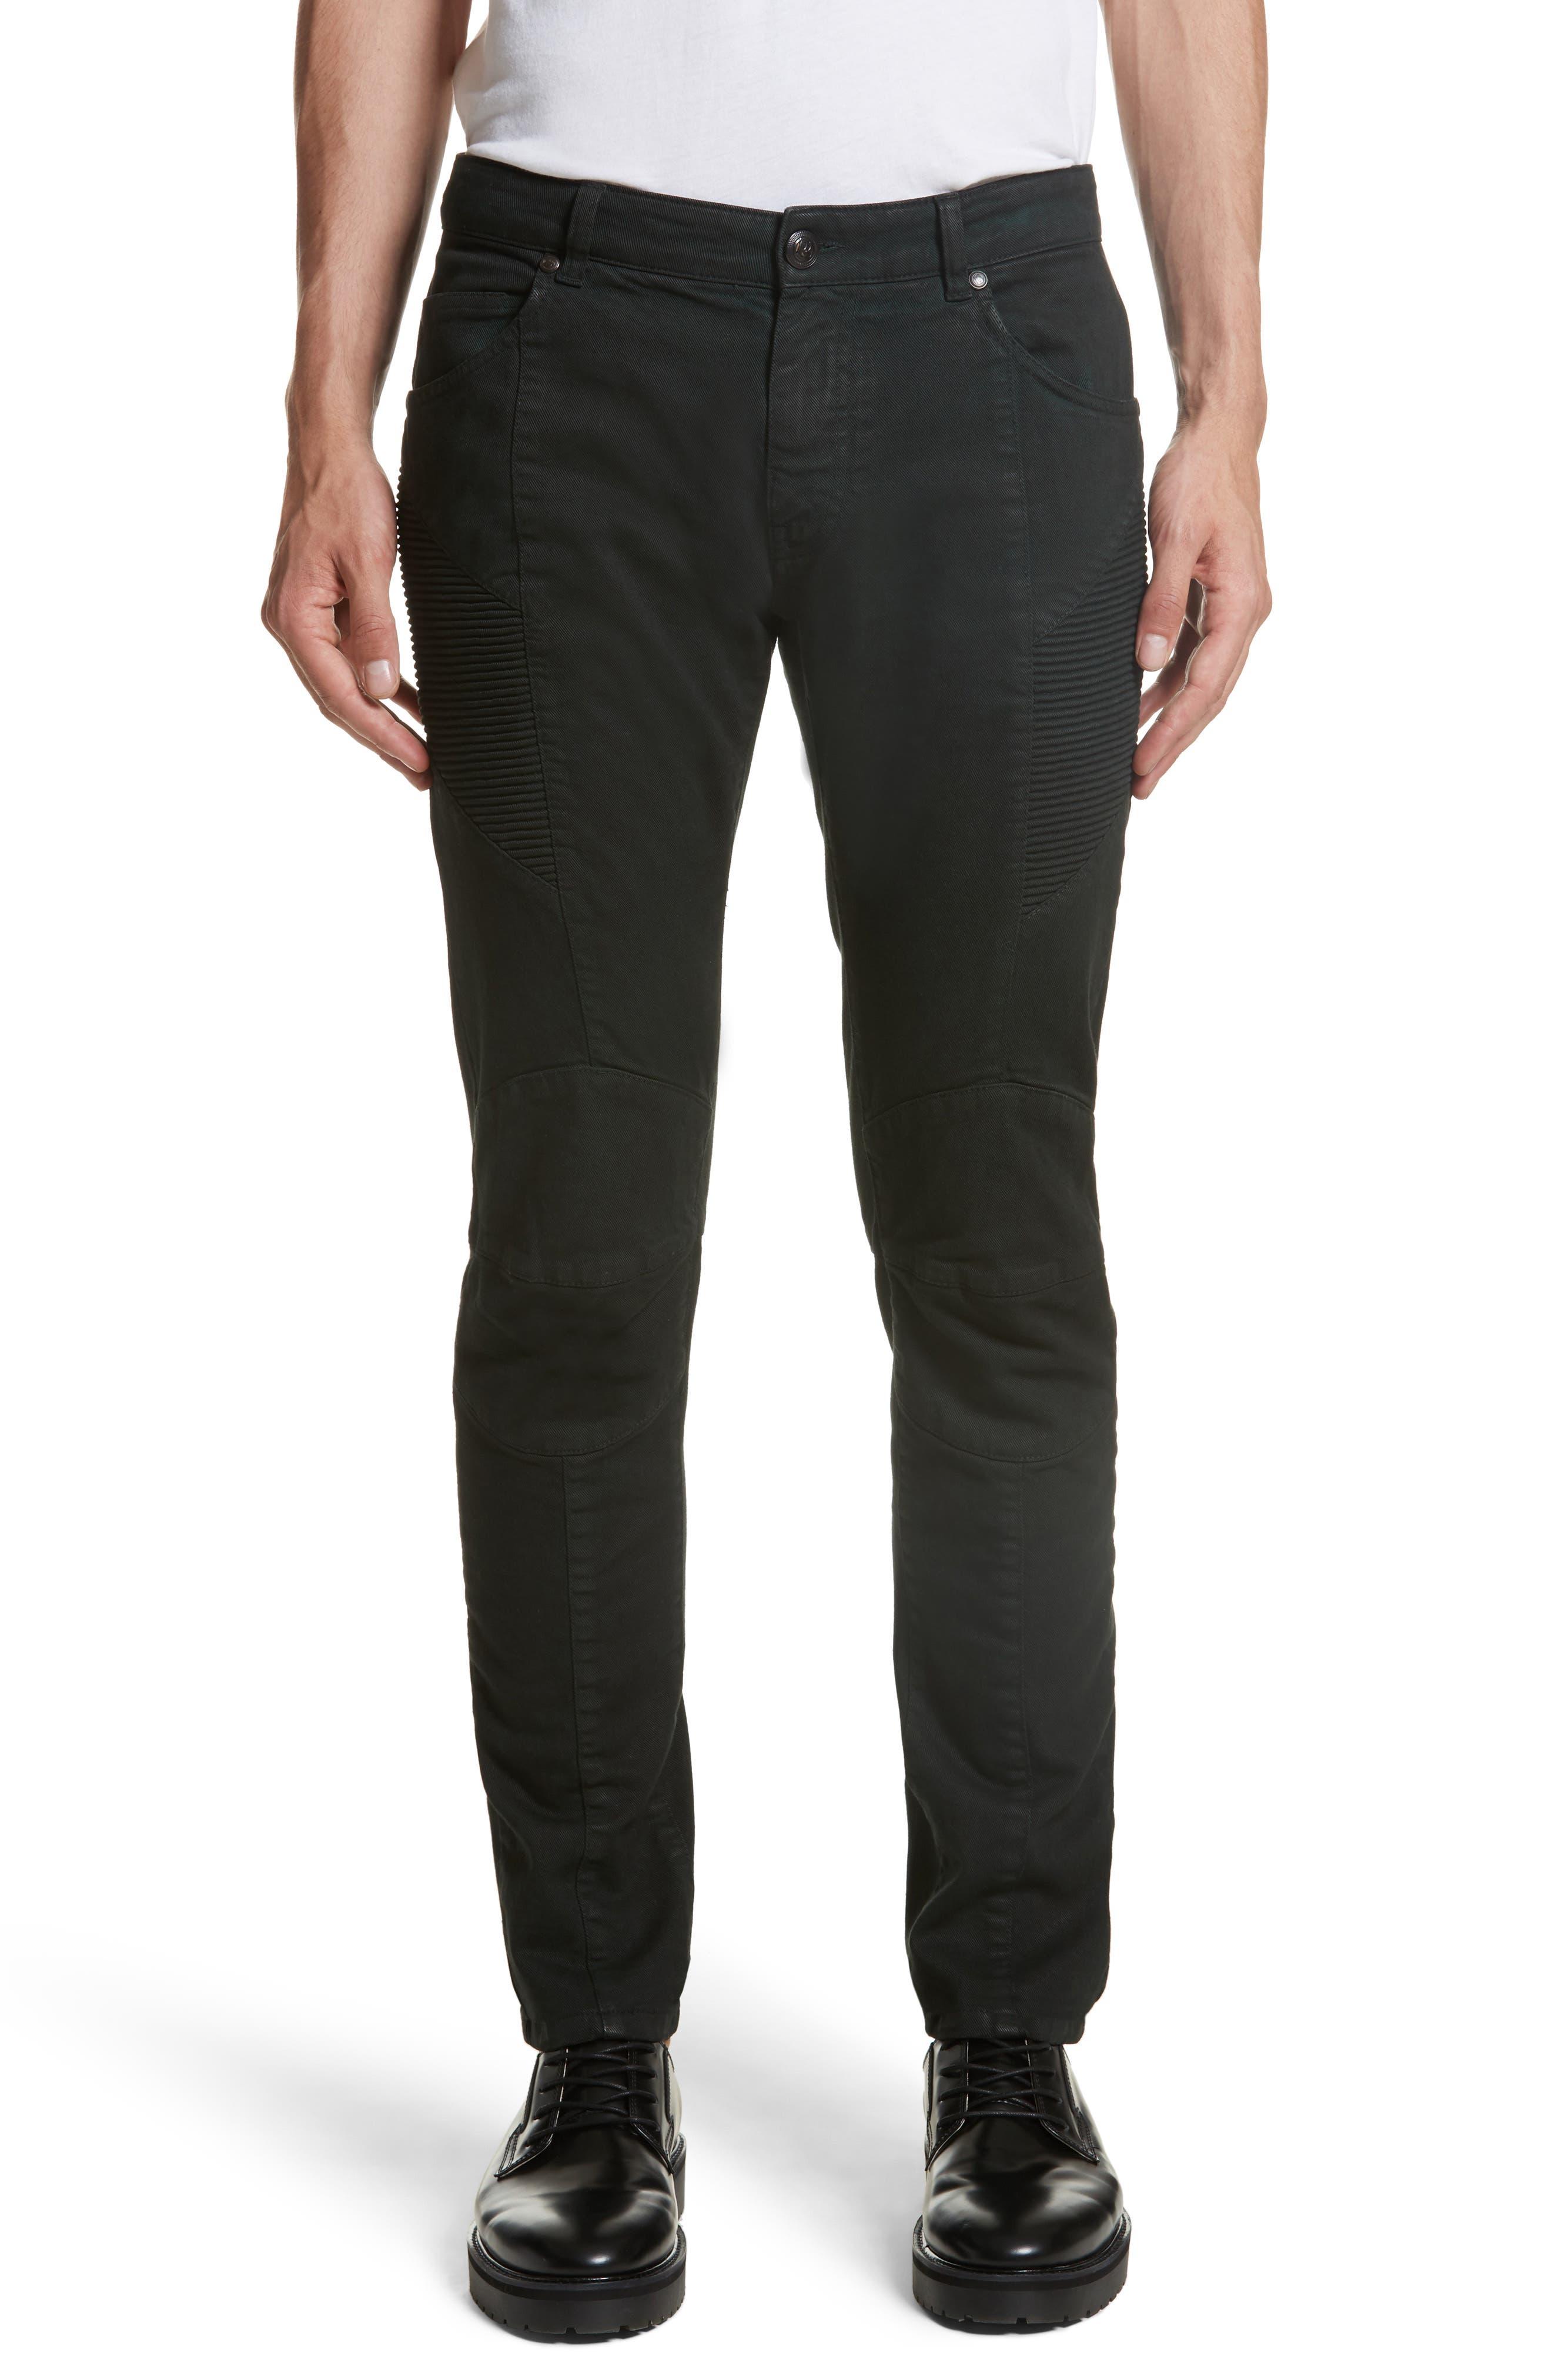 Pierre Balmain Moto Jeans (Dark Green)